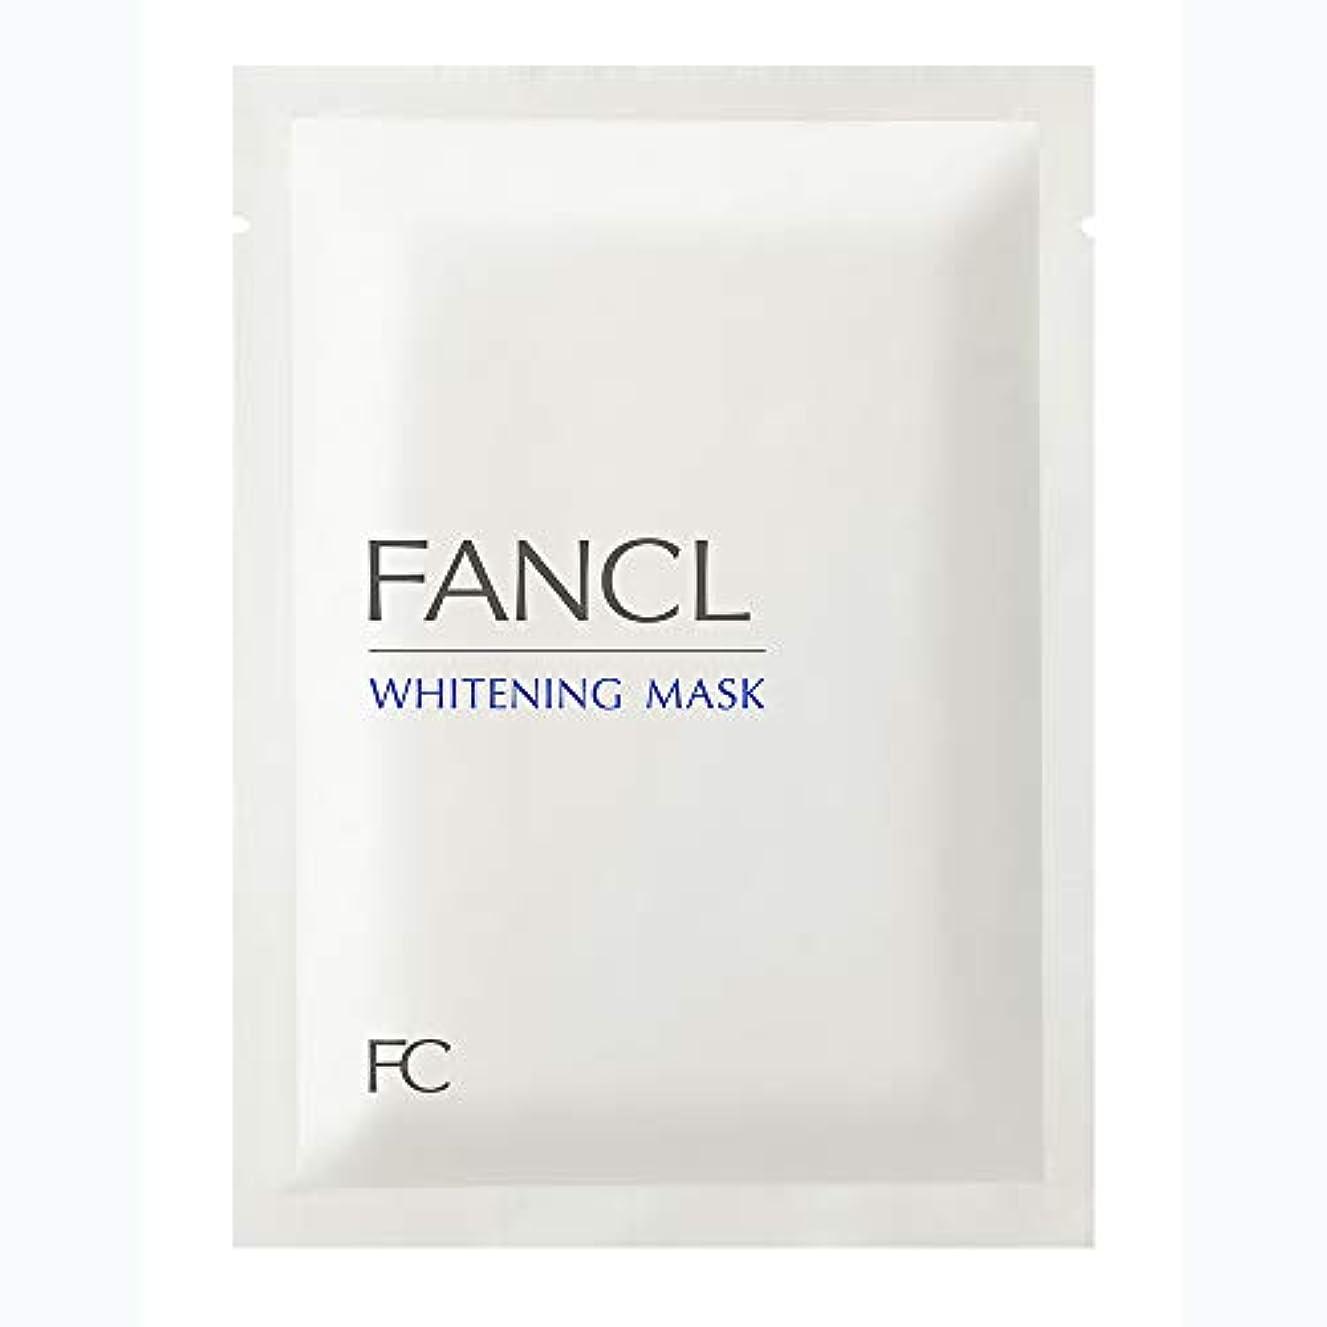 身元微生物キャンドル新ファンケル(FANCL) ホワイトニング マスク<医薬部外品> 21mL×6枚